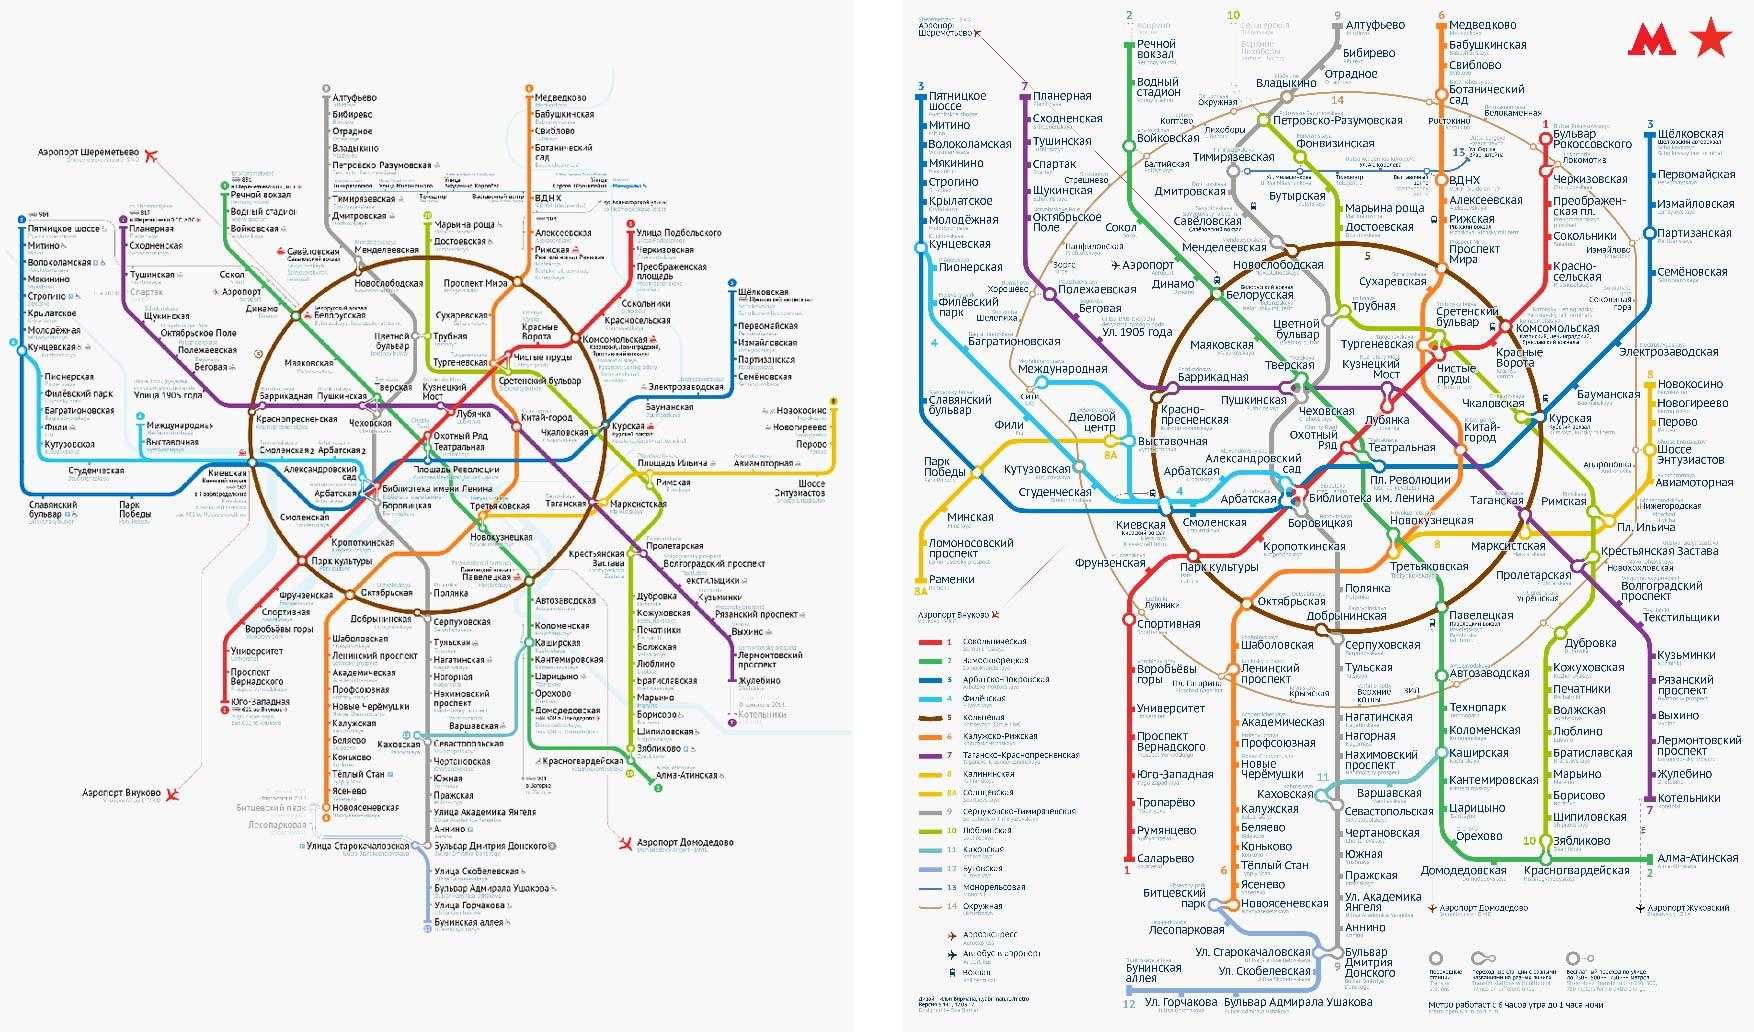 Метро крылатское на схеме метро